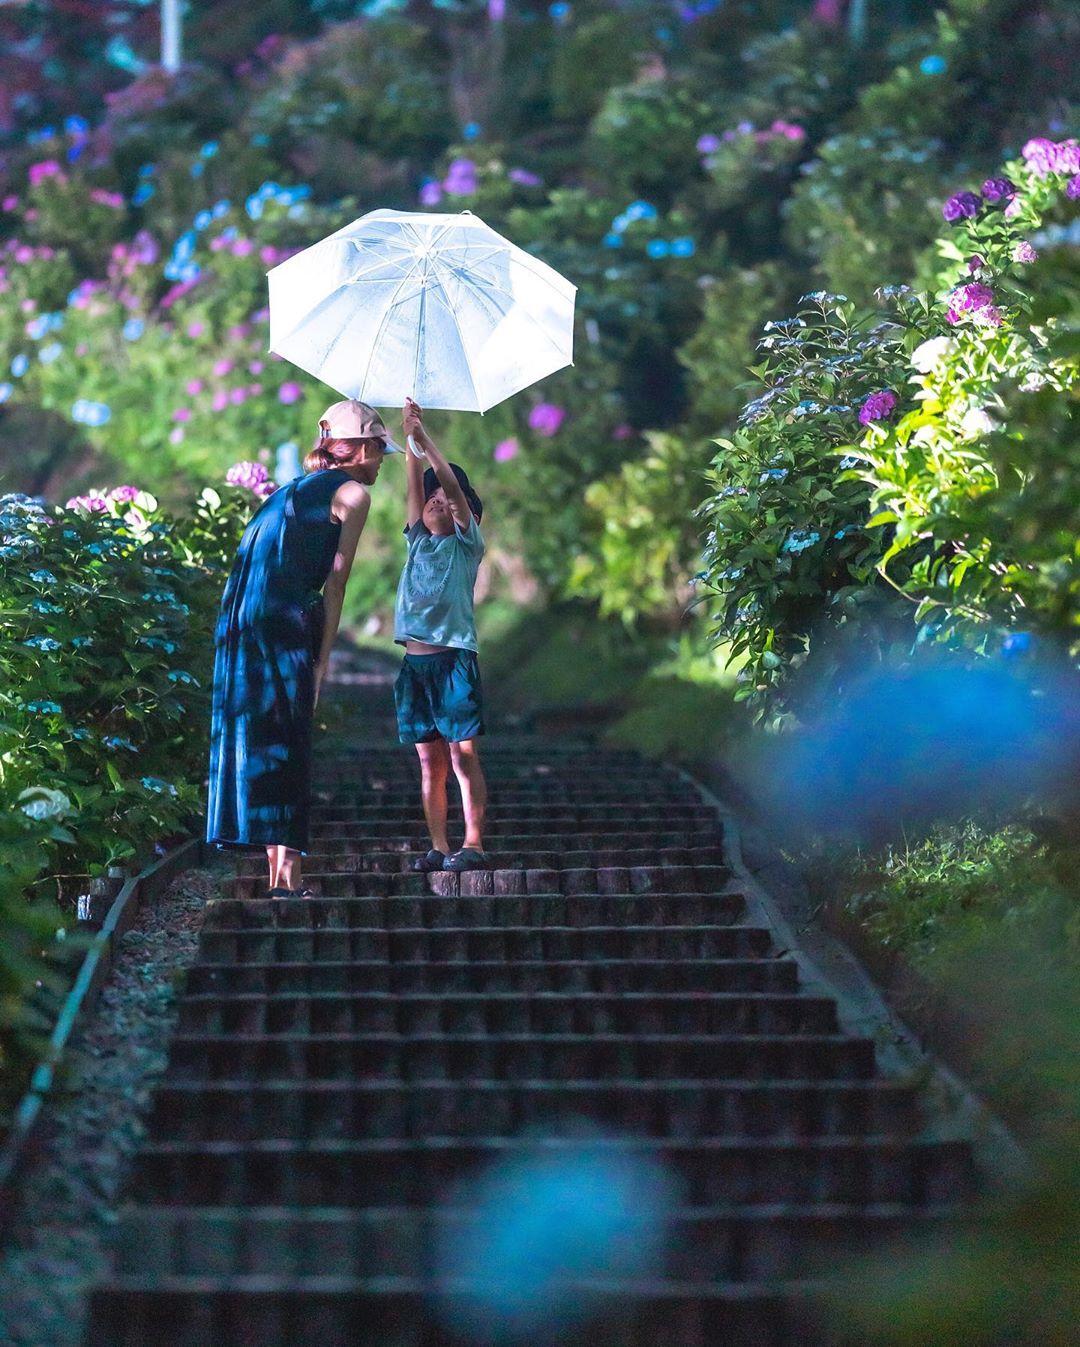 """Có một nước Nhật đẹp đến nao lòng qua ống kính của ông bố trẻ """"mê"""" chụp ảnh vợ và con trai, ai xem xong cũng """"tan chảy"""" - Ảnh 20."""